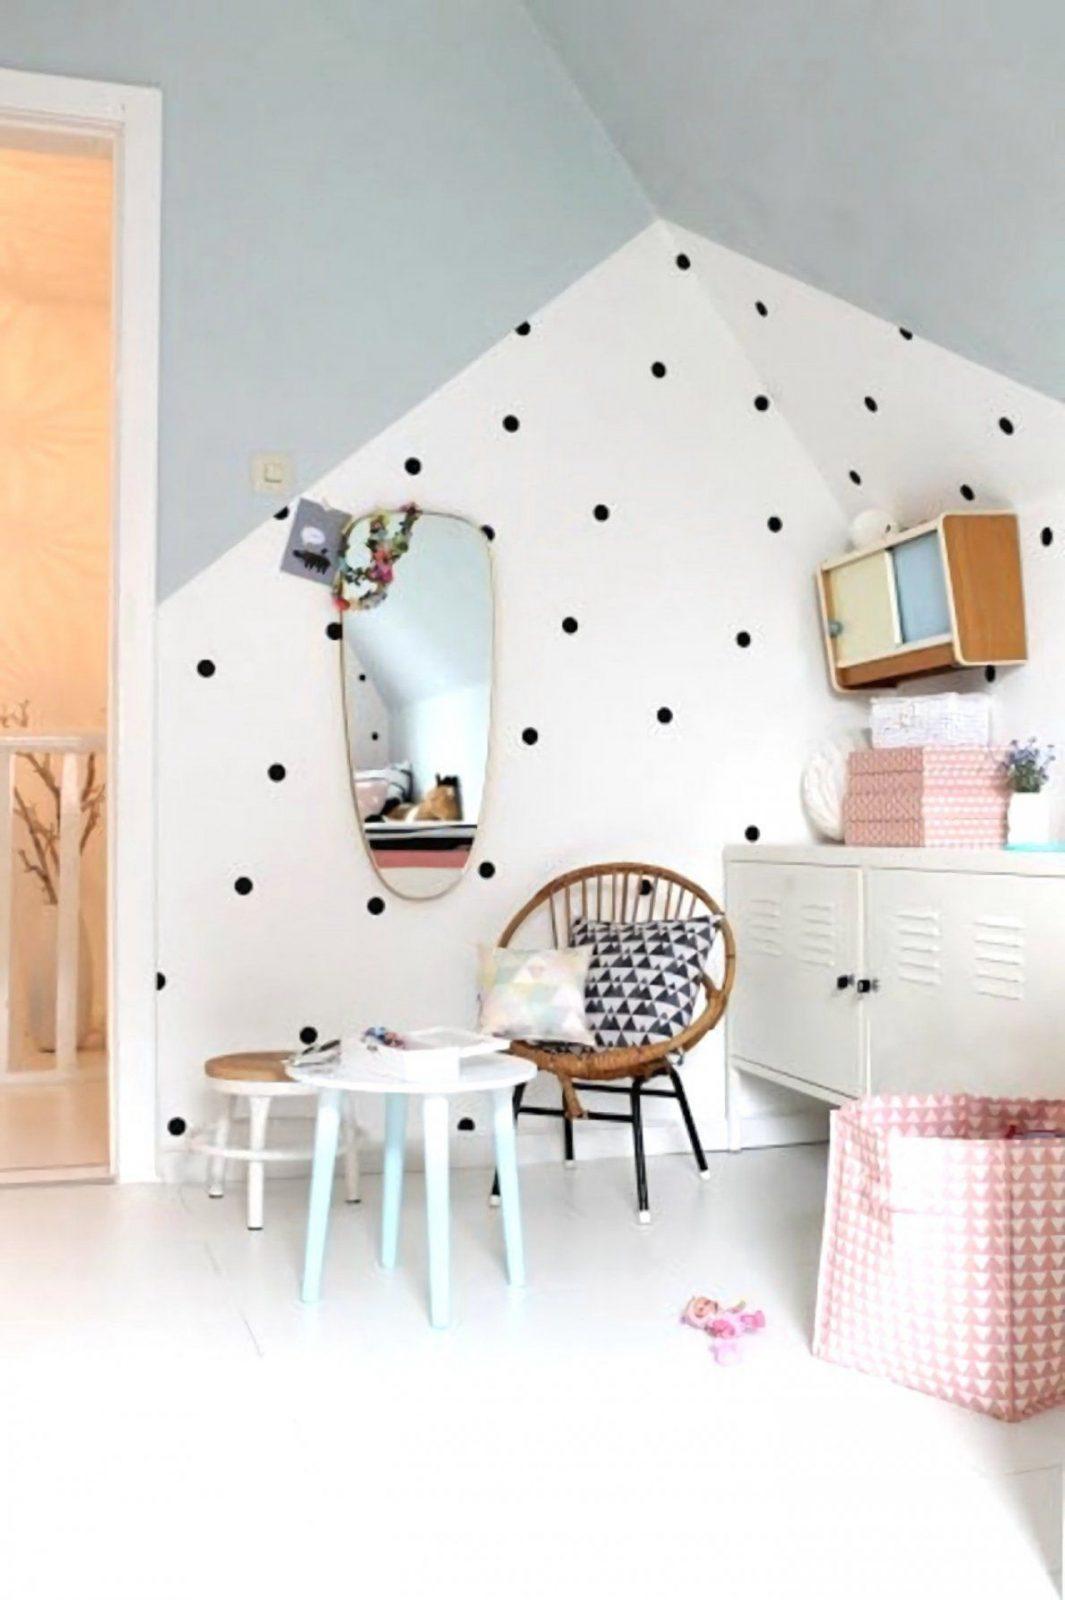 ... Wohnideen Kinderzimmer Wanddeko Selber Machen Auch Schön Von Wanddeko  Babyzimmer Selber Machen Bild ...